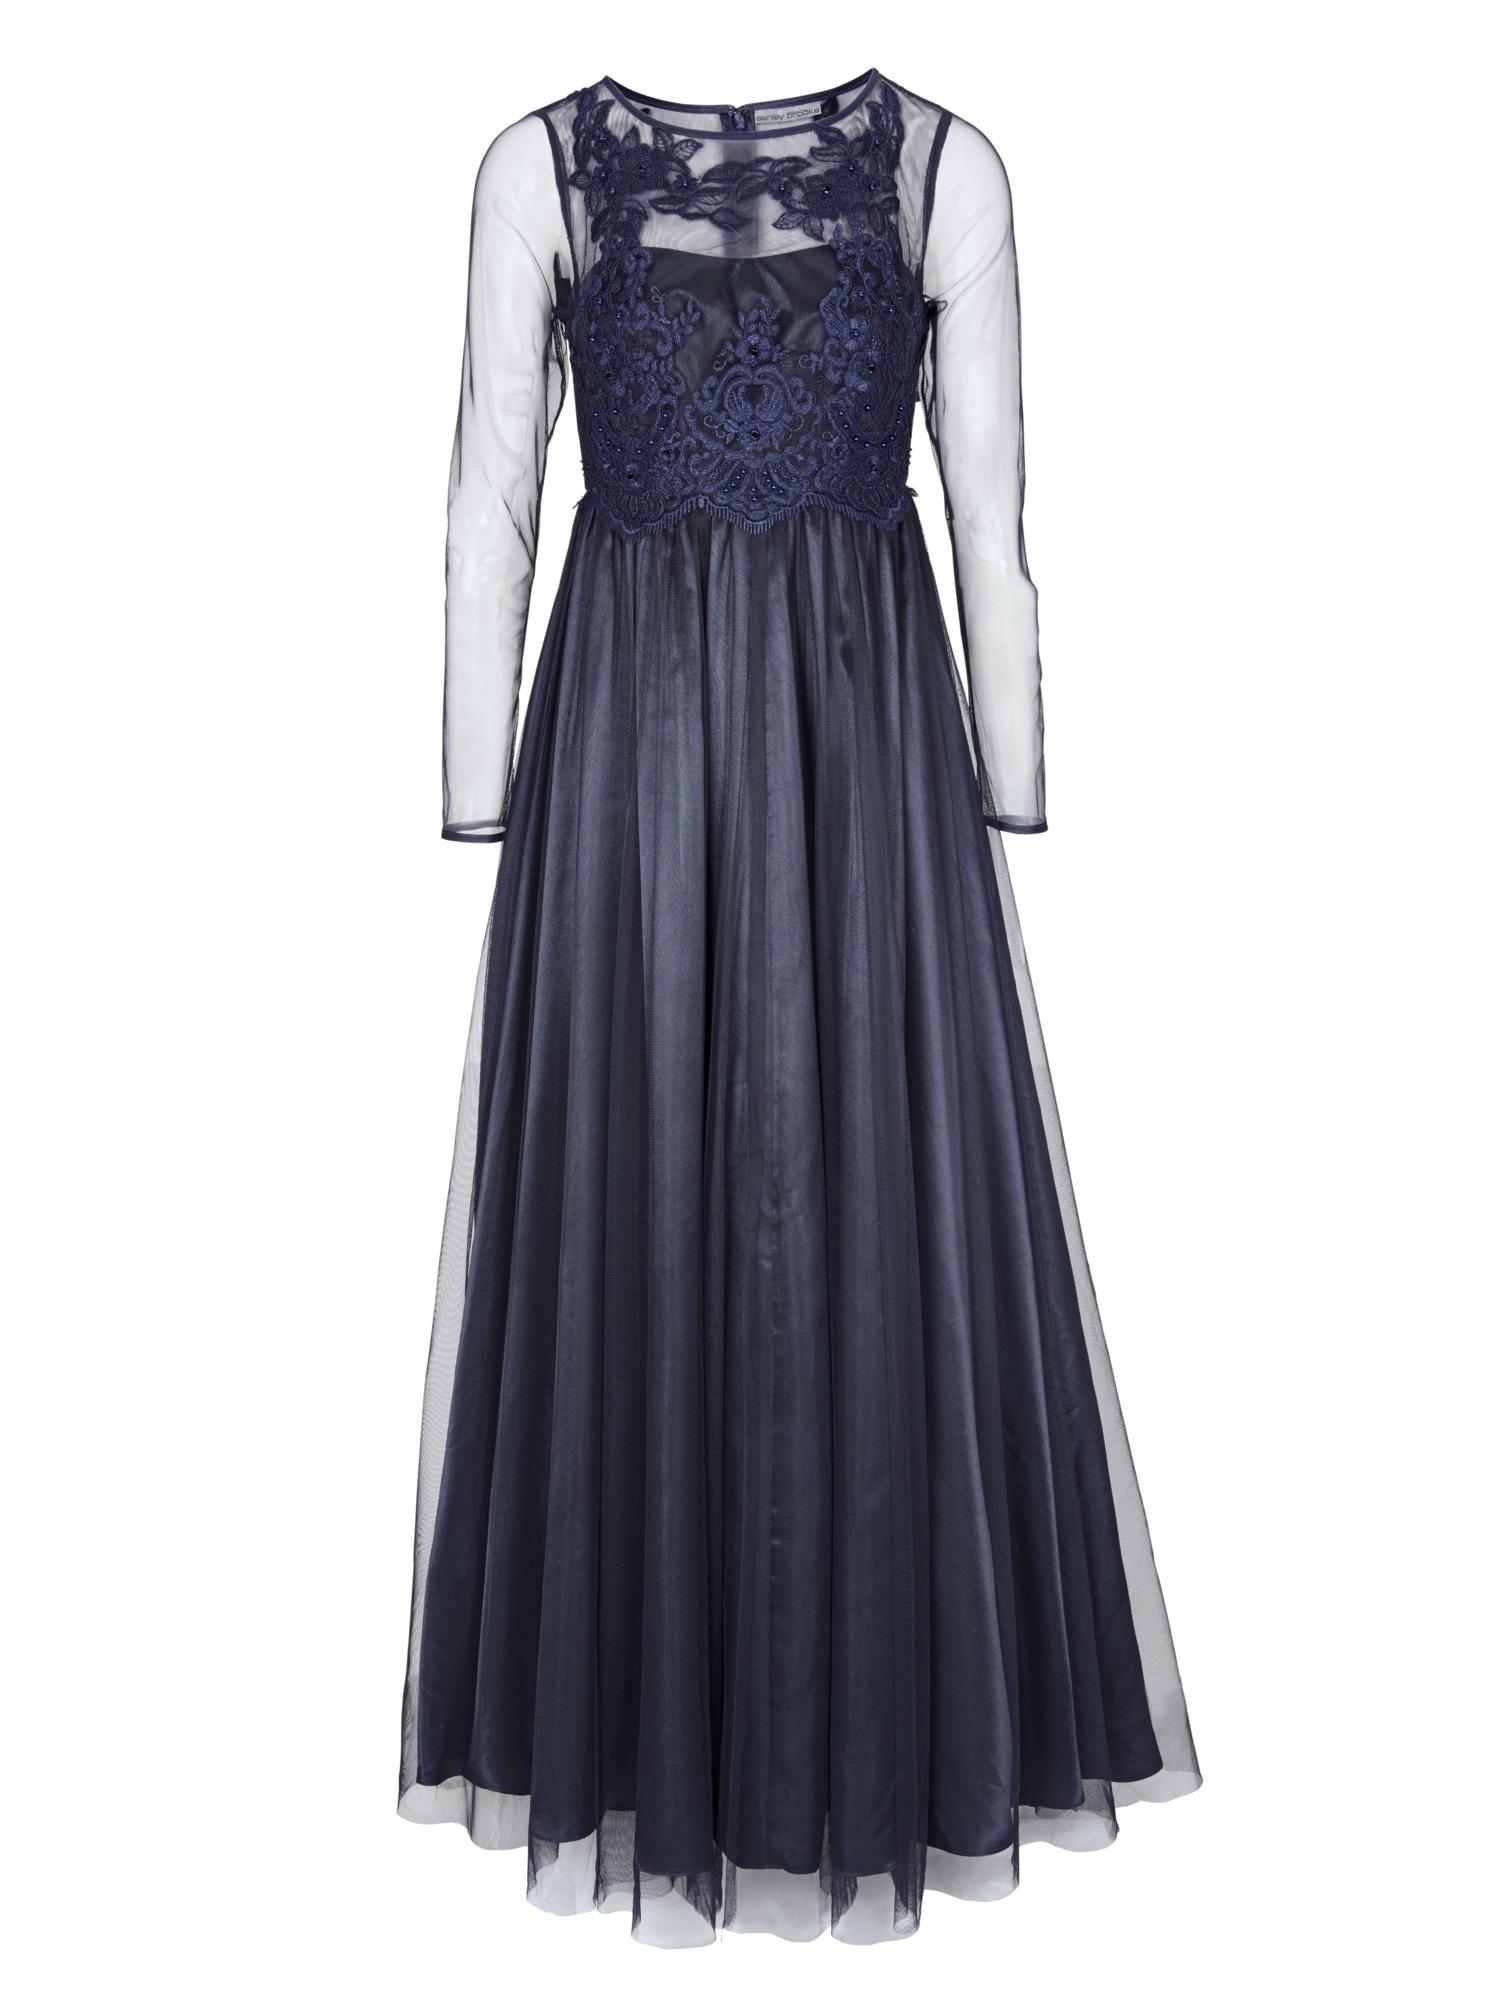 c85f8531b6e Bildquelle  heine TIMELESS Abendkleid mit Petticoat